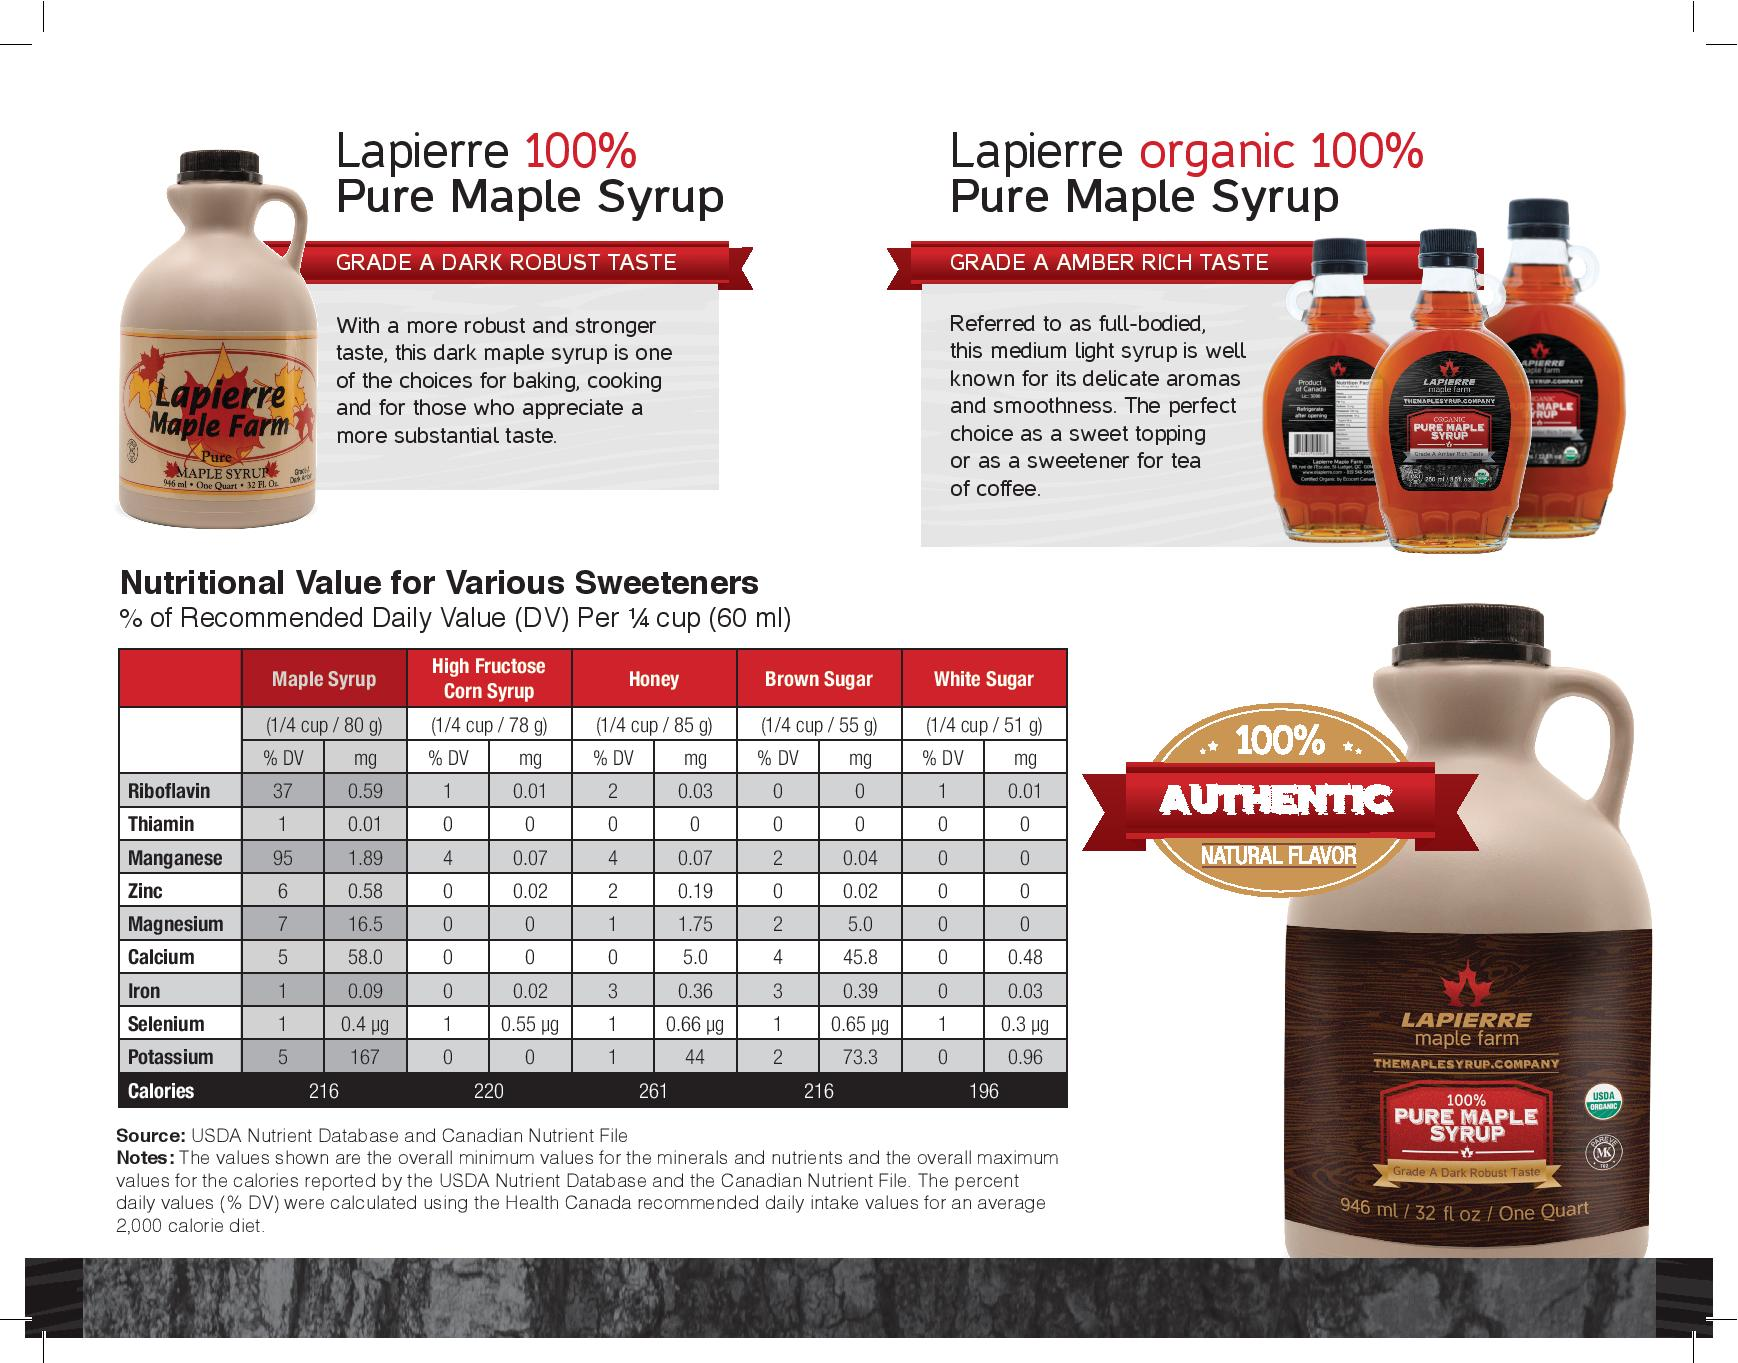 LapierreMapleFarm_products_Flyer-page-002